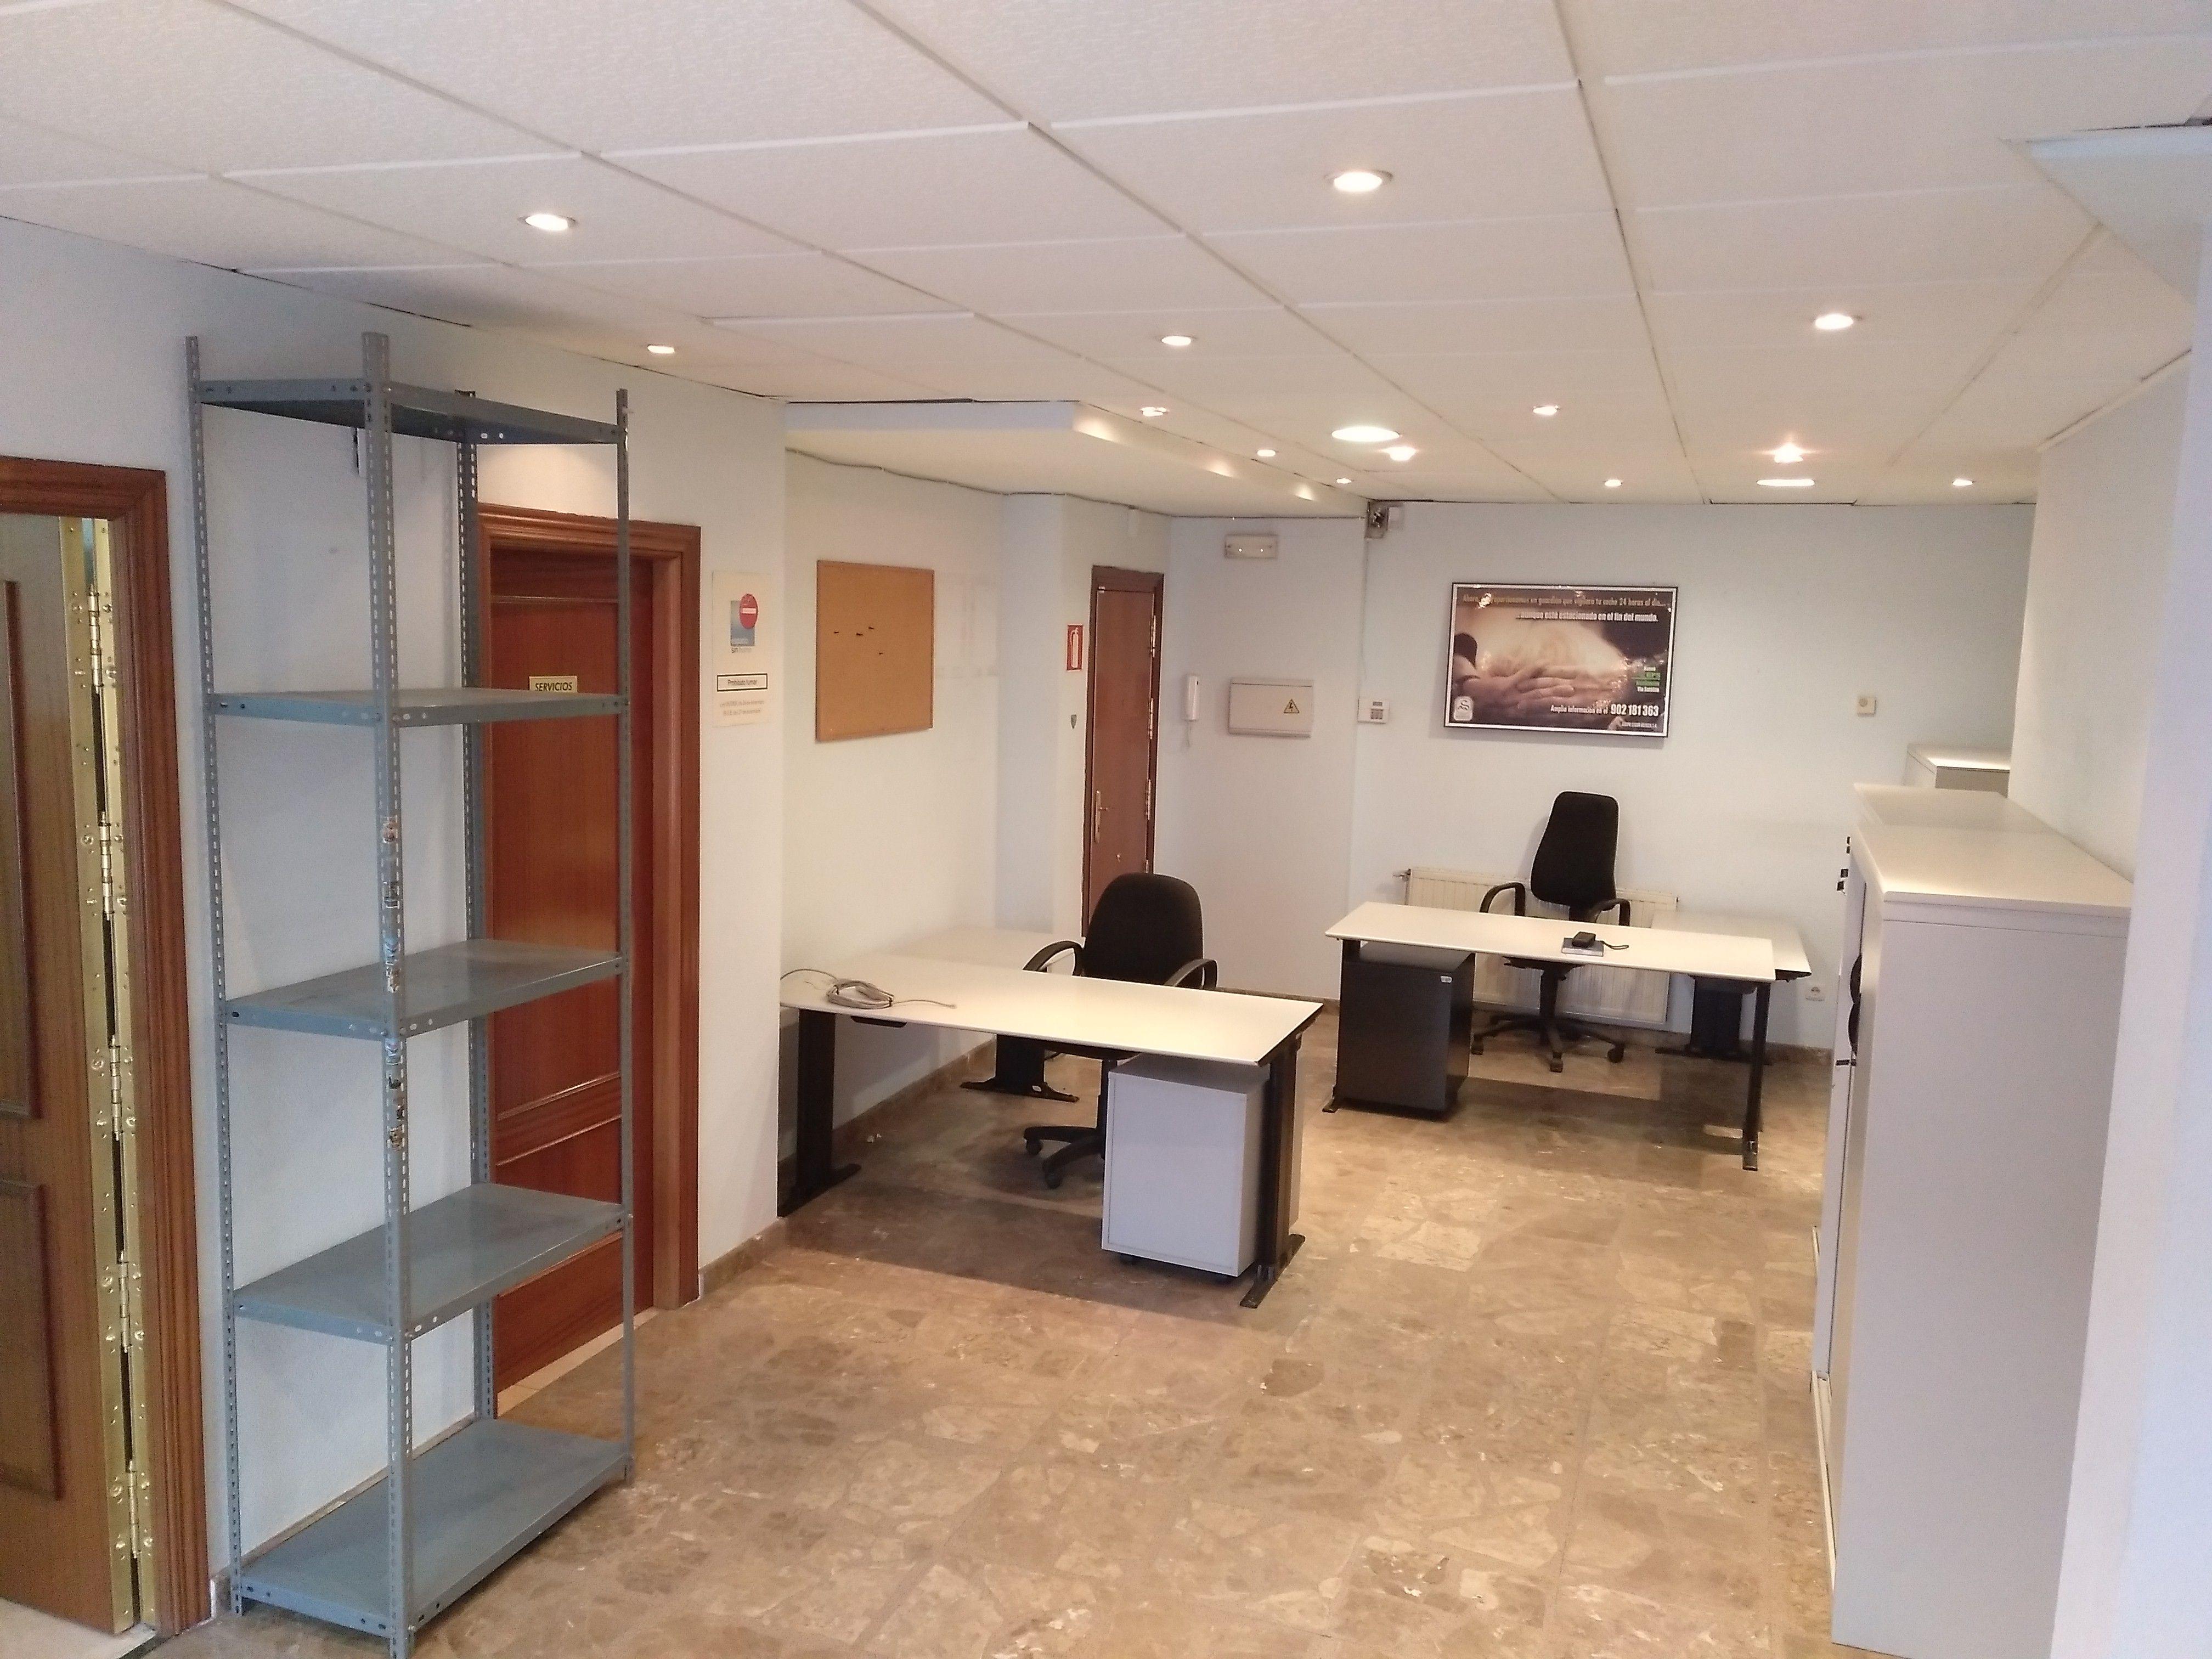 Local ideal para oficina en Toledo